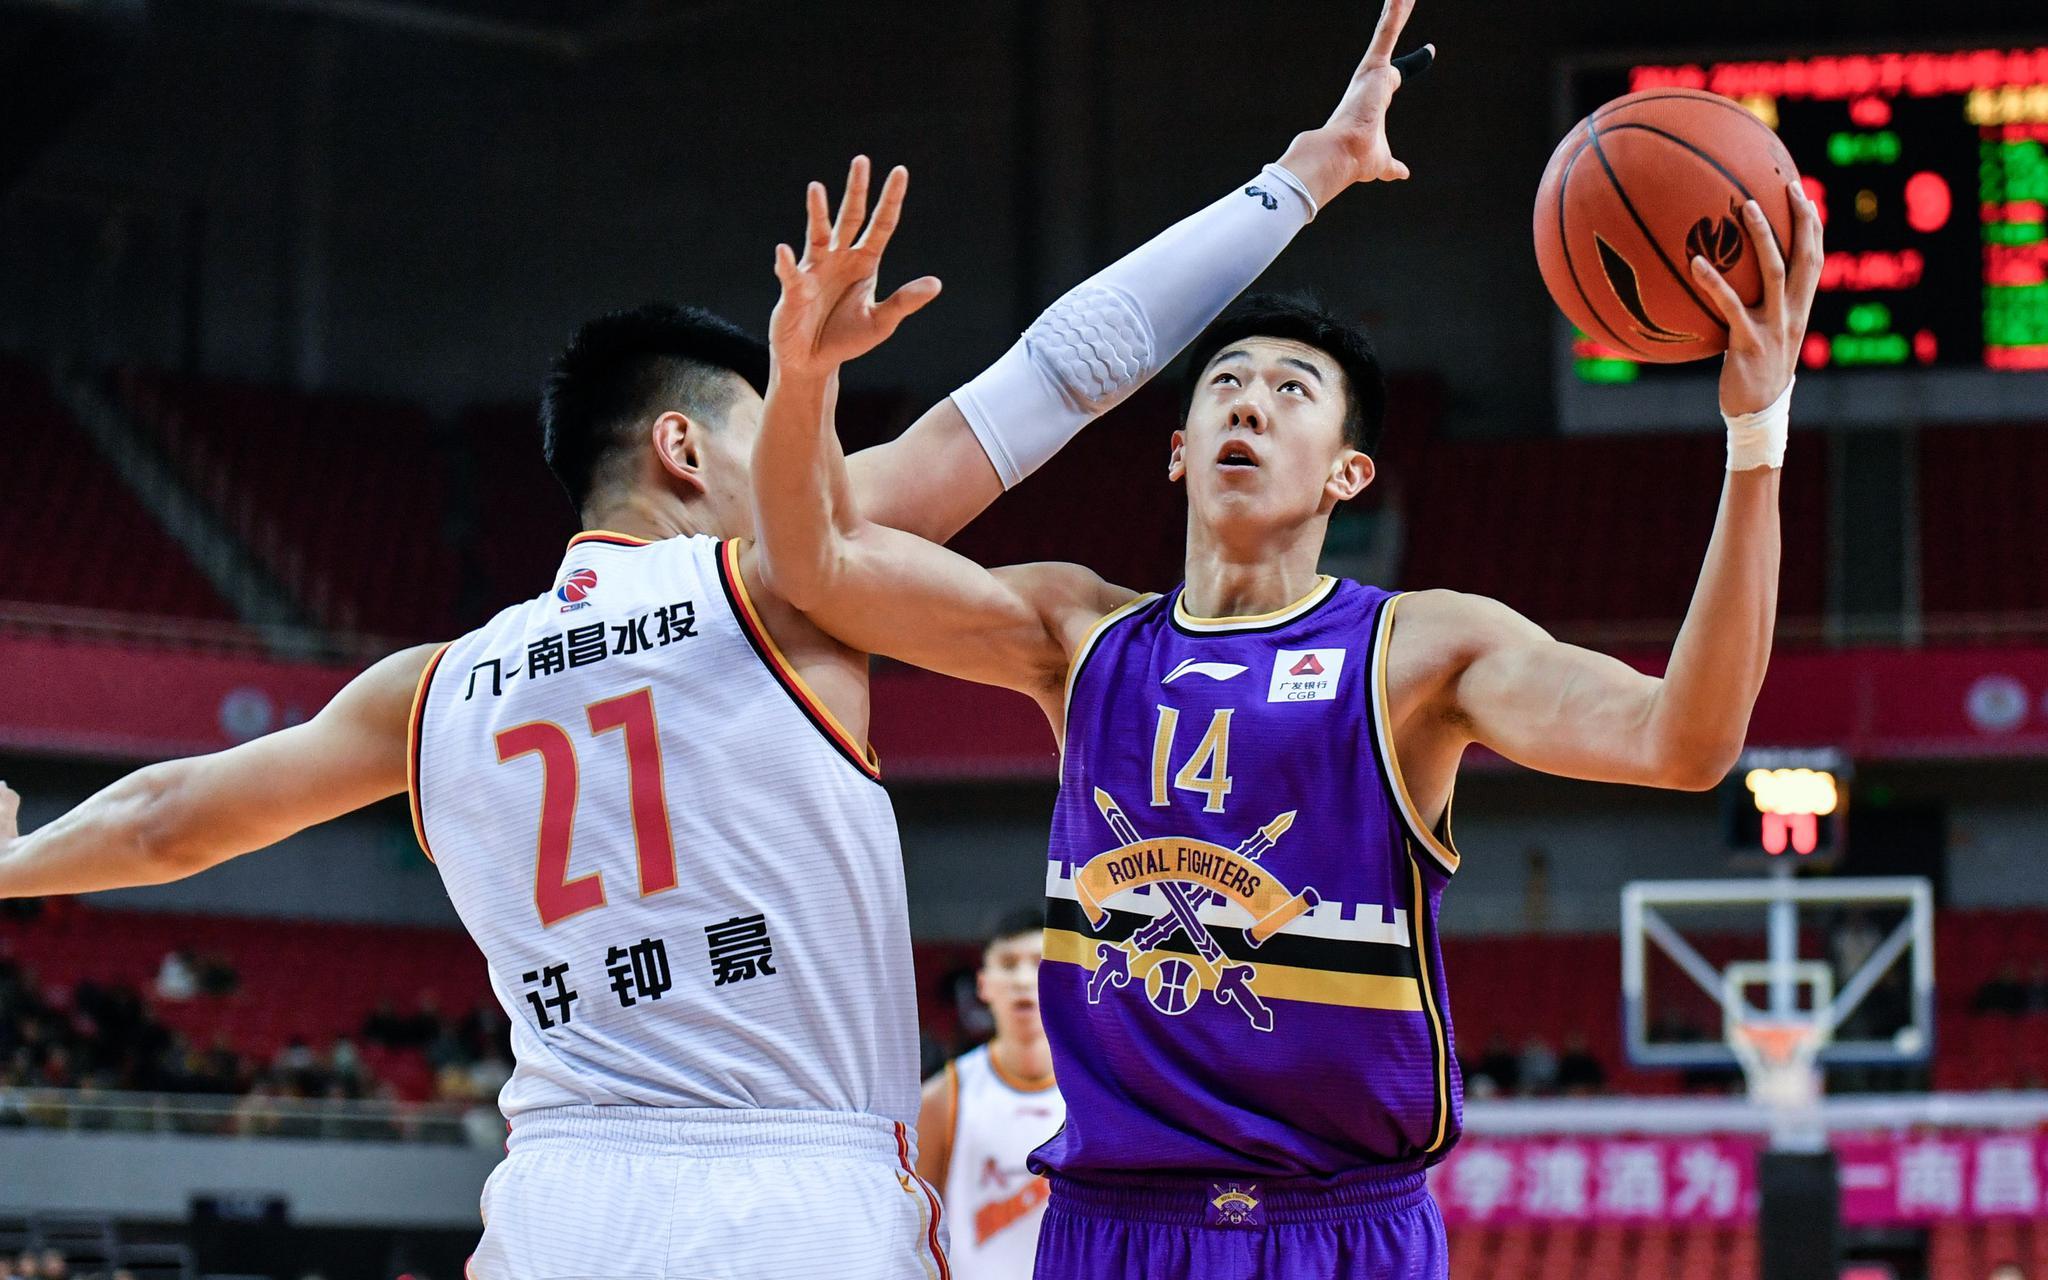 北控男篮12人得分8人上双,王少杰19分生涯新高图片